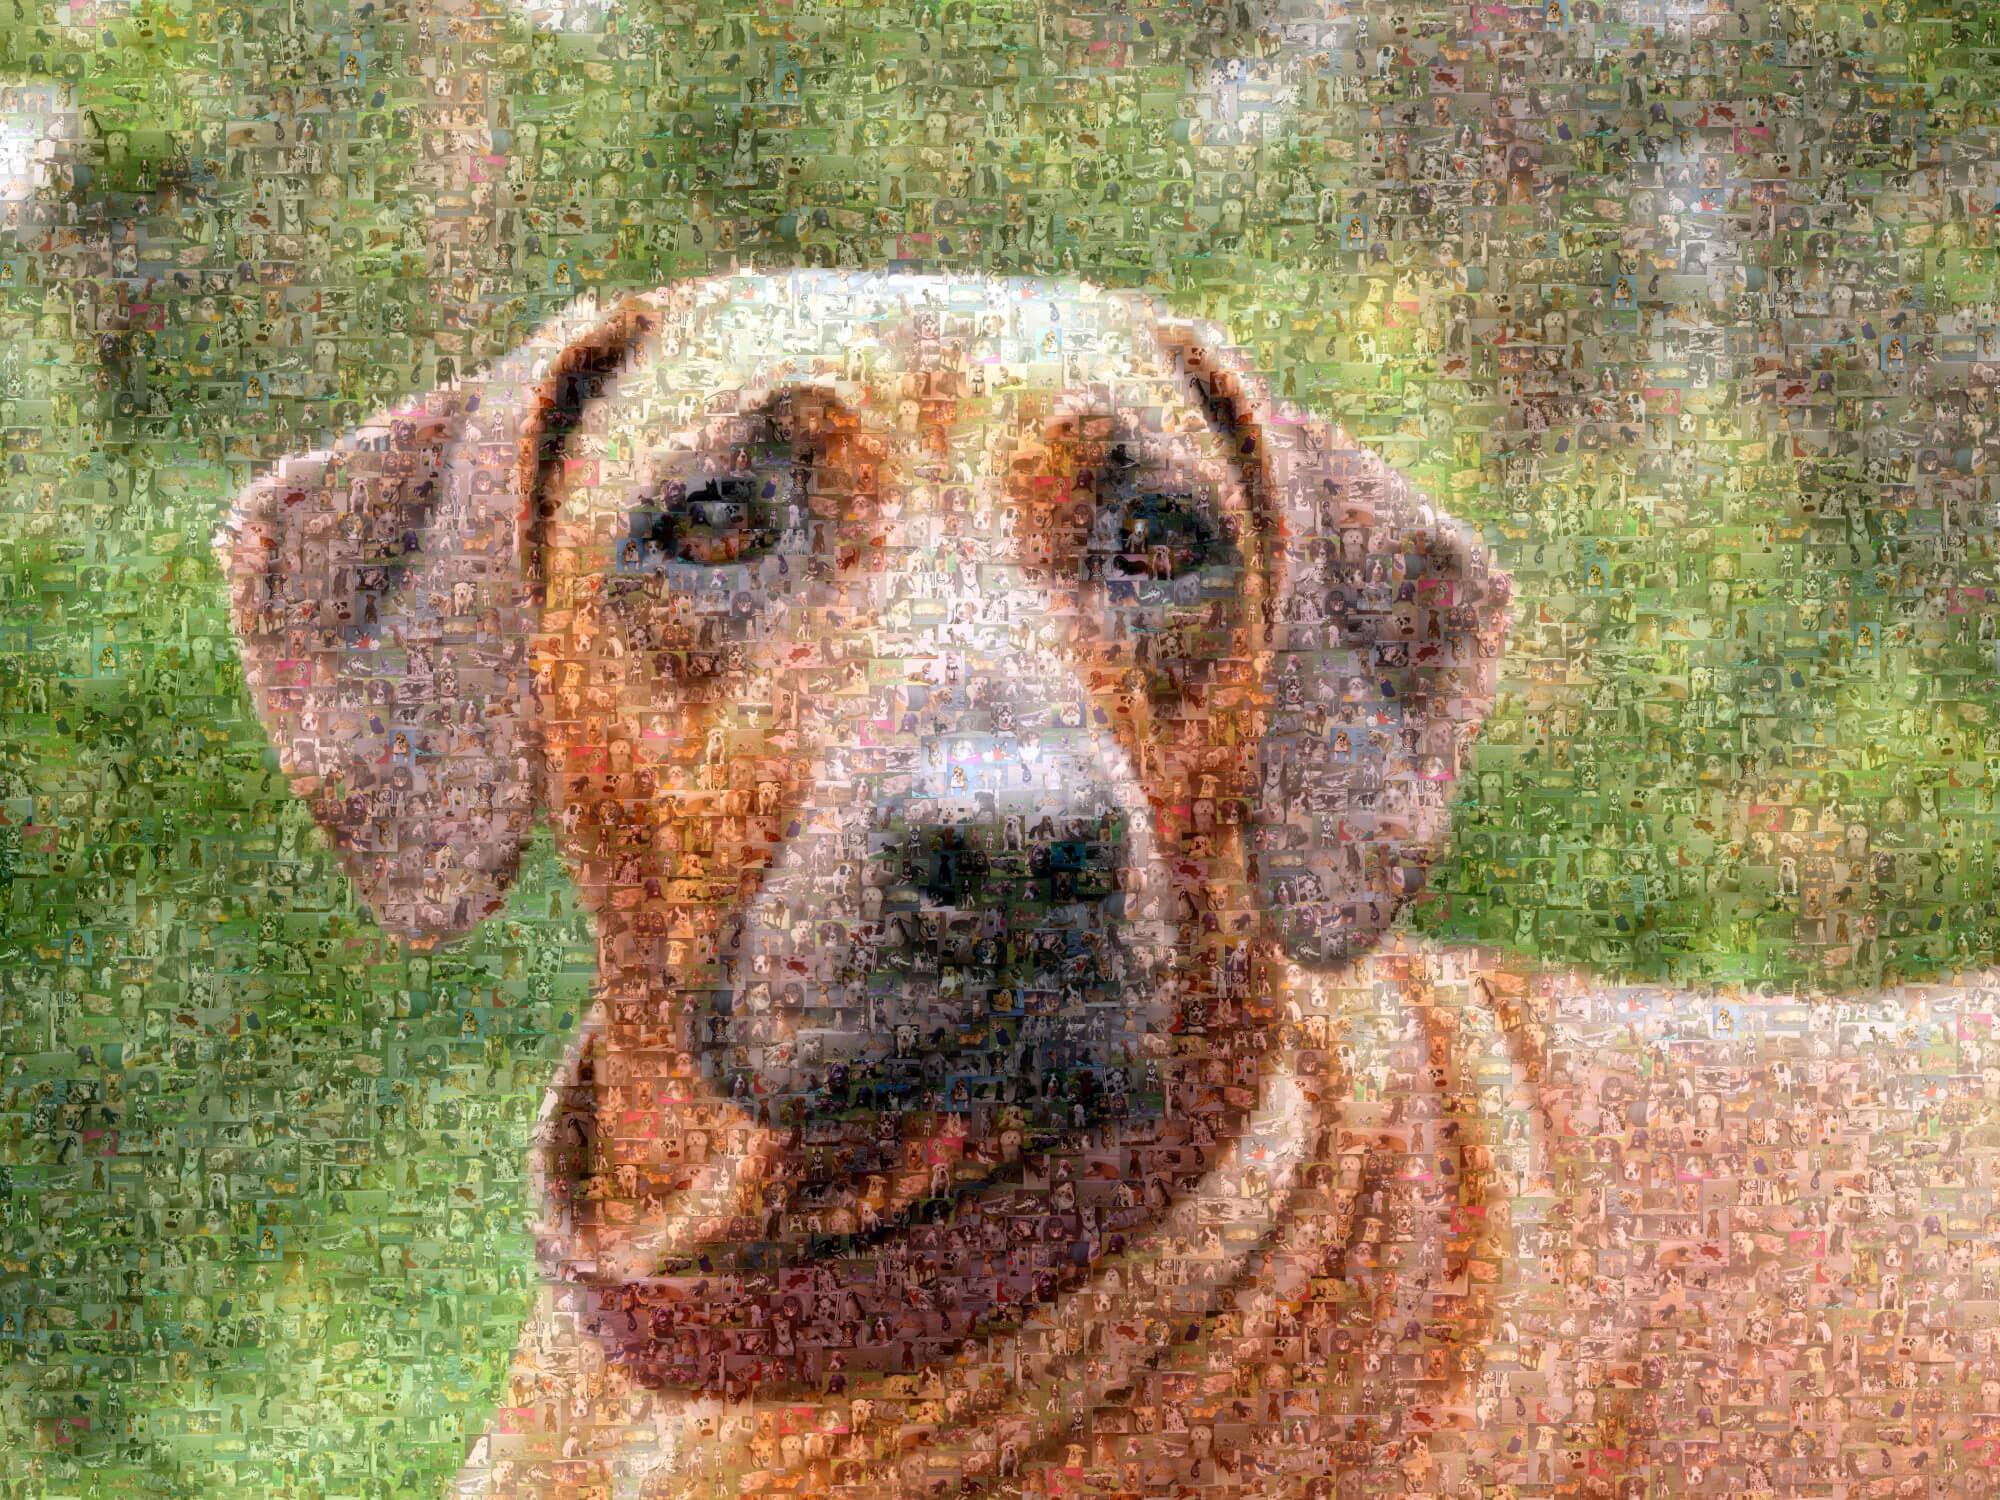 Fotomosaik von einem Hund